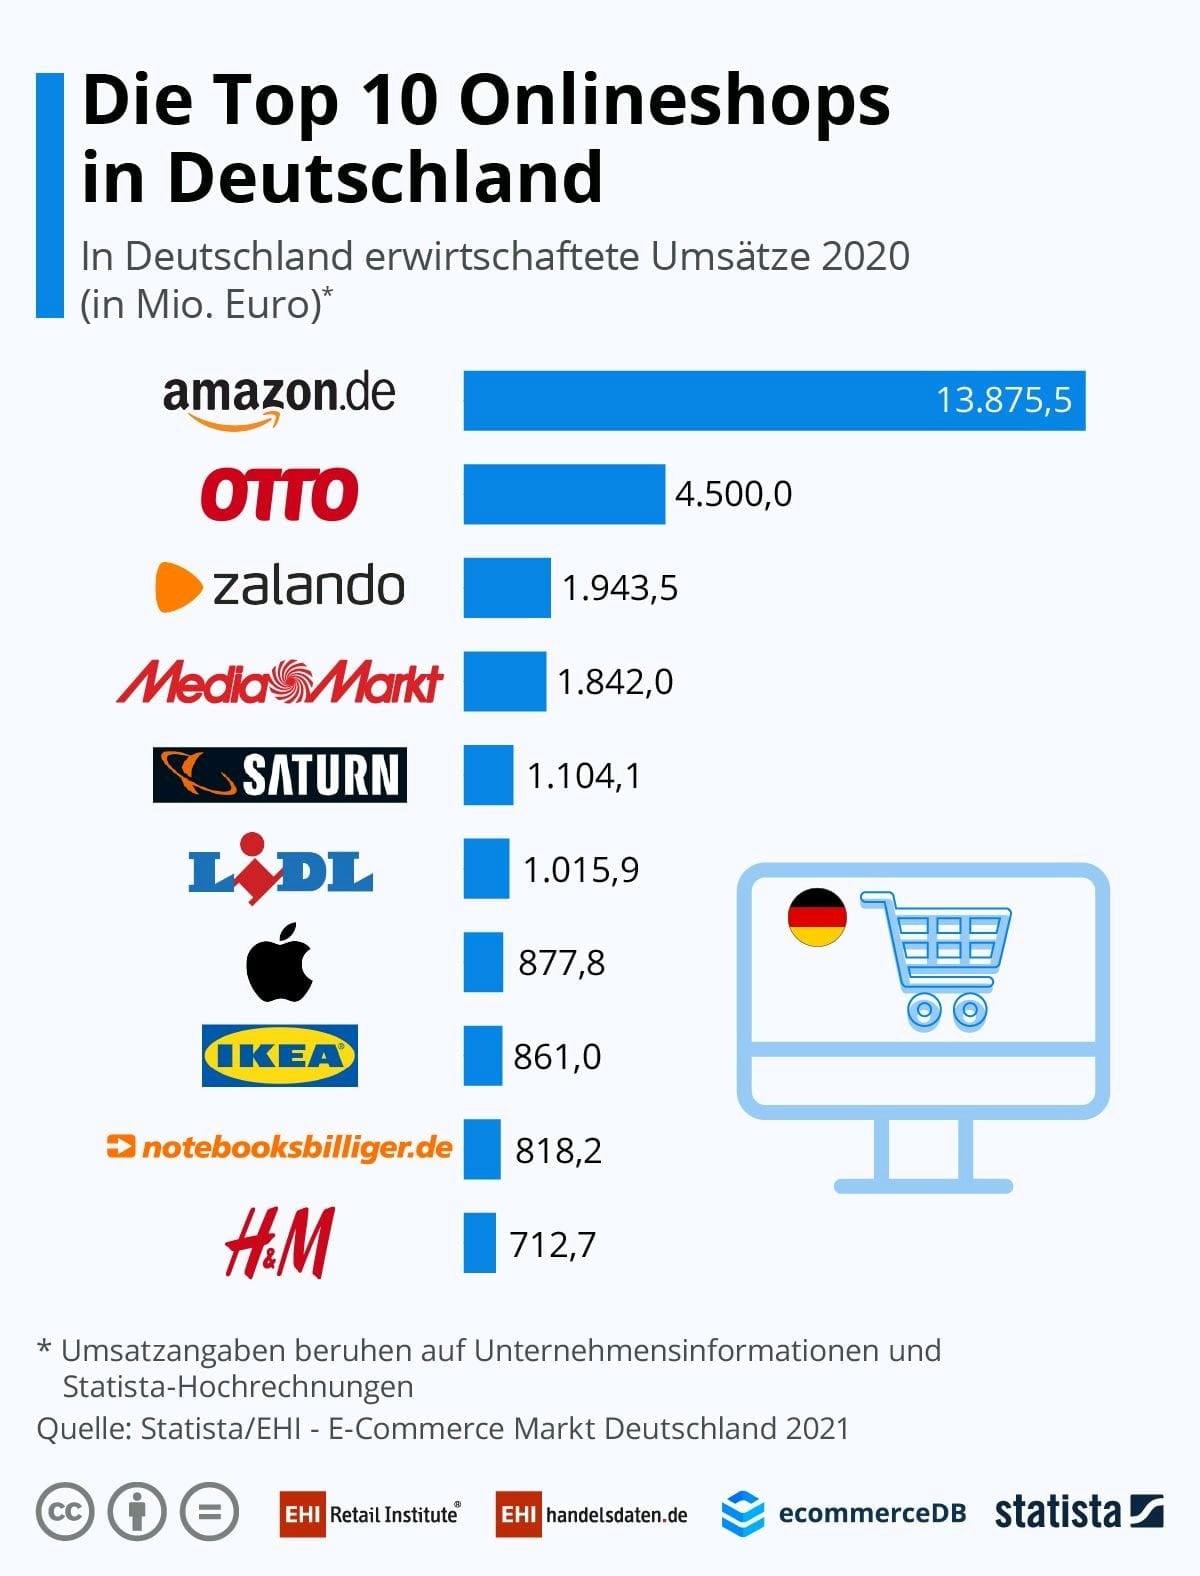 Amazon macht in Deutschland mehr Umsatz als die 9 anderen Shops in den Top 10 zusammen